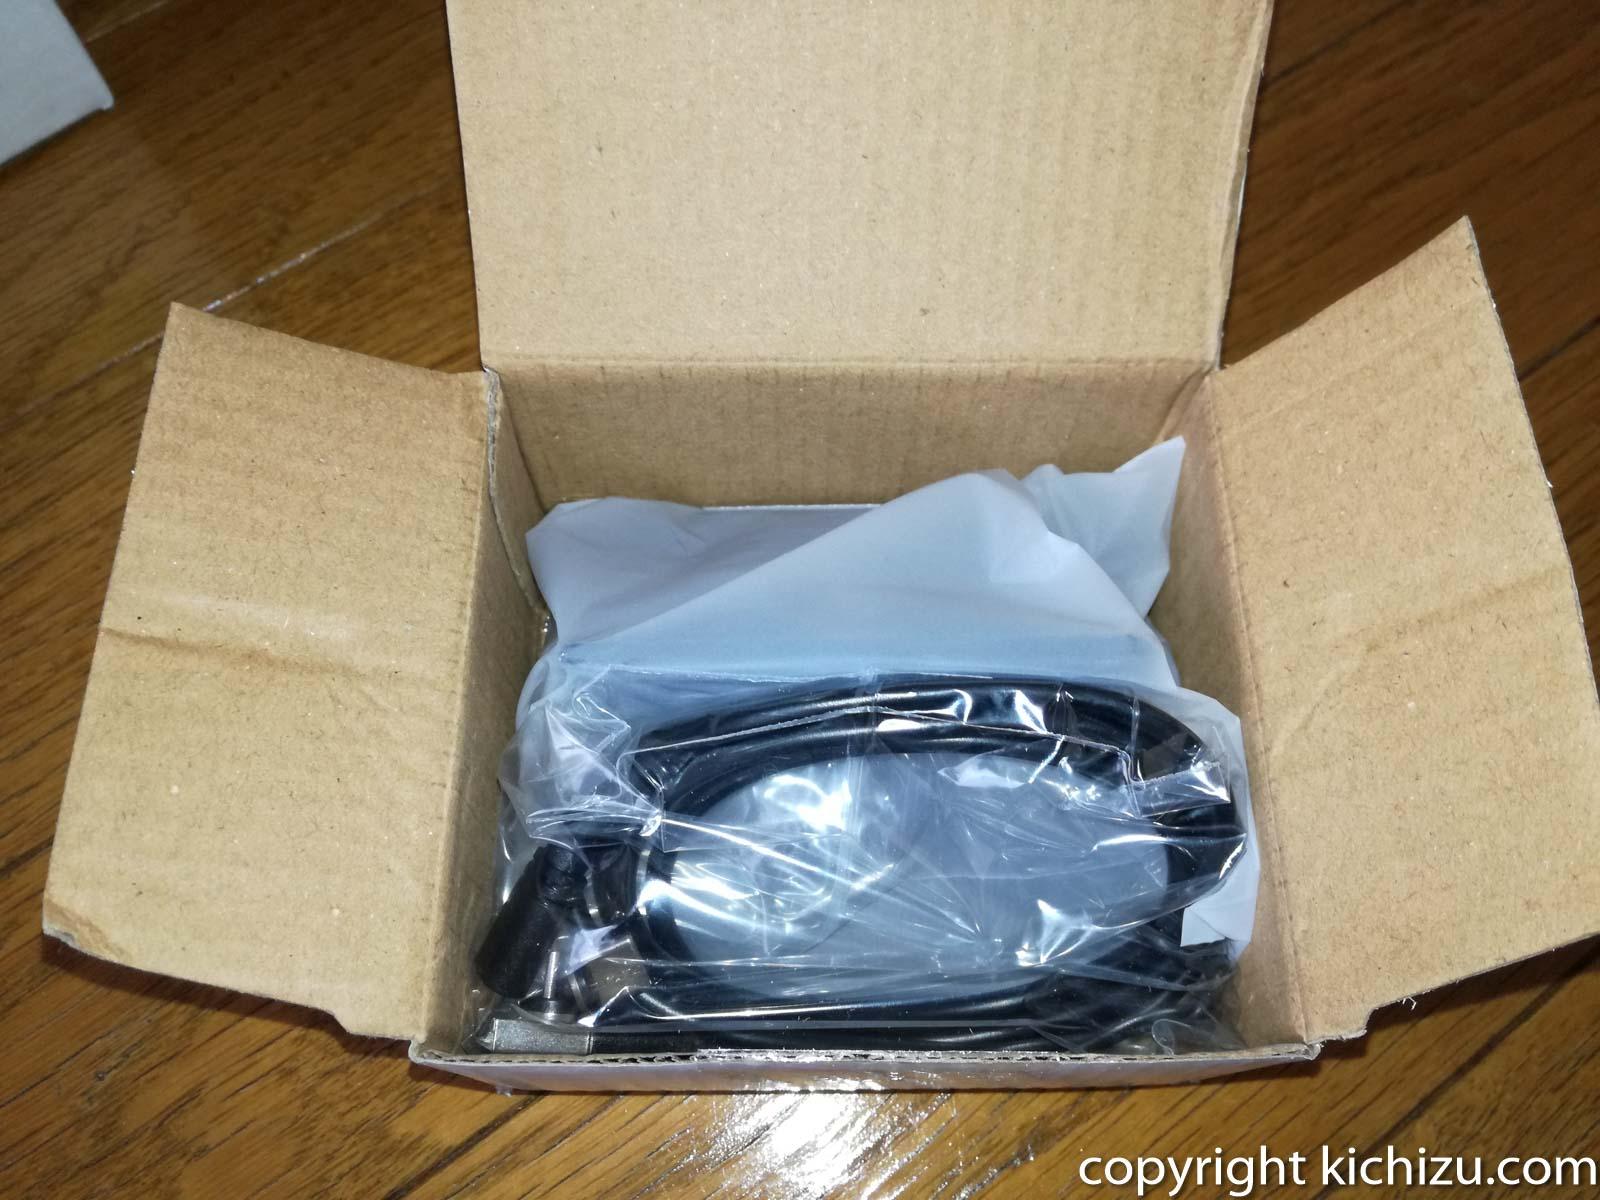 スマホ充電スタンド クレードル マグネット式 2 in 1 Micro USB/Type C コネクタ付き